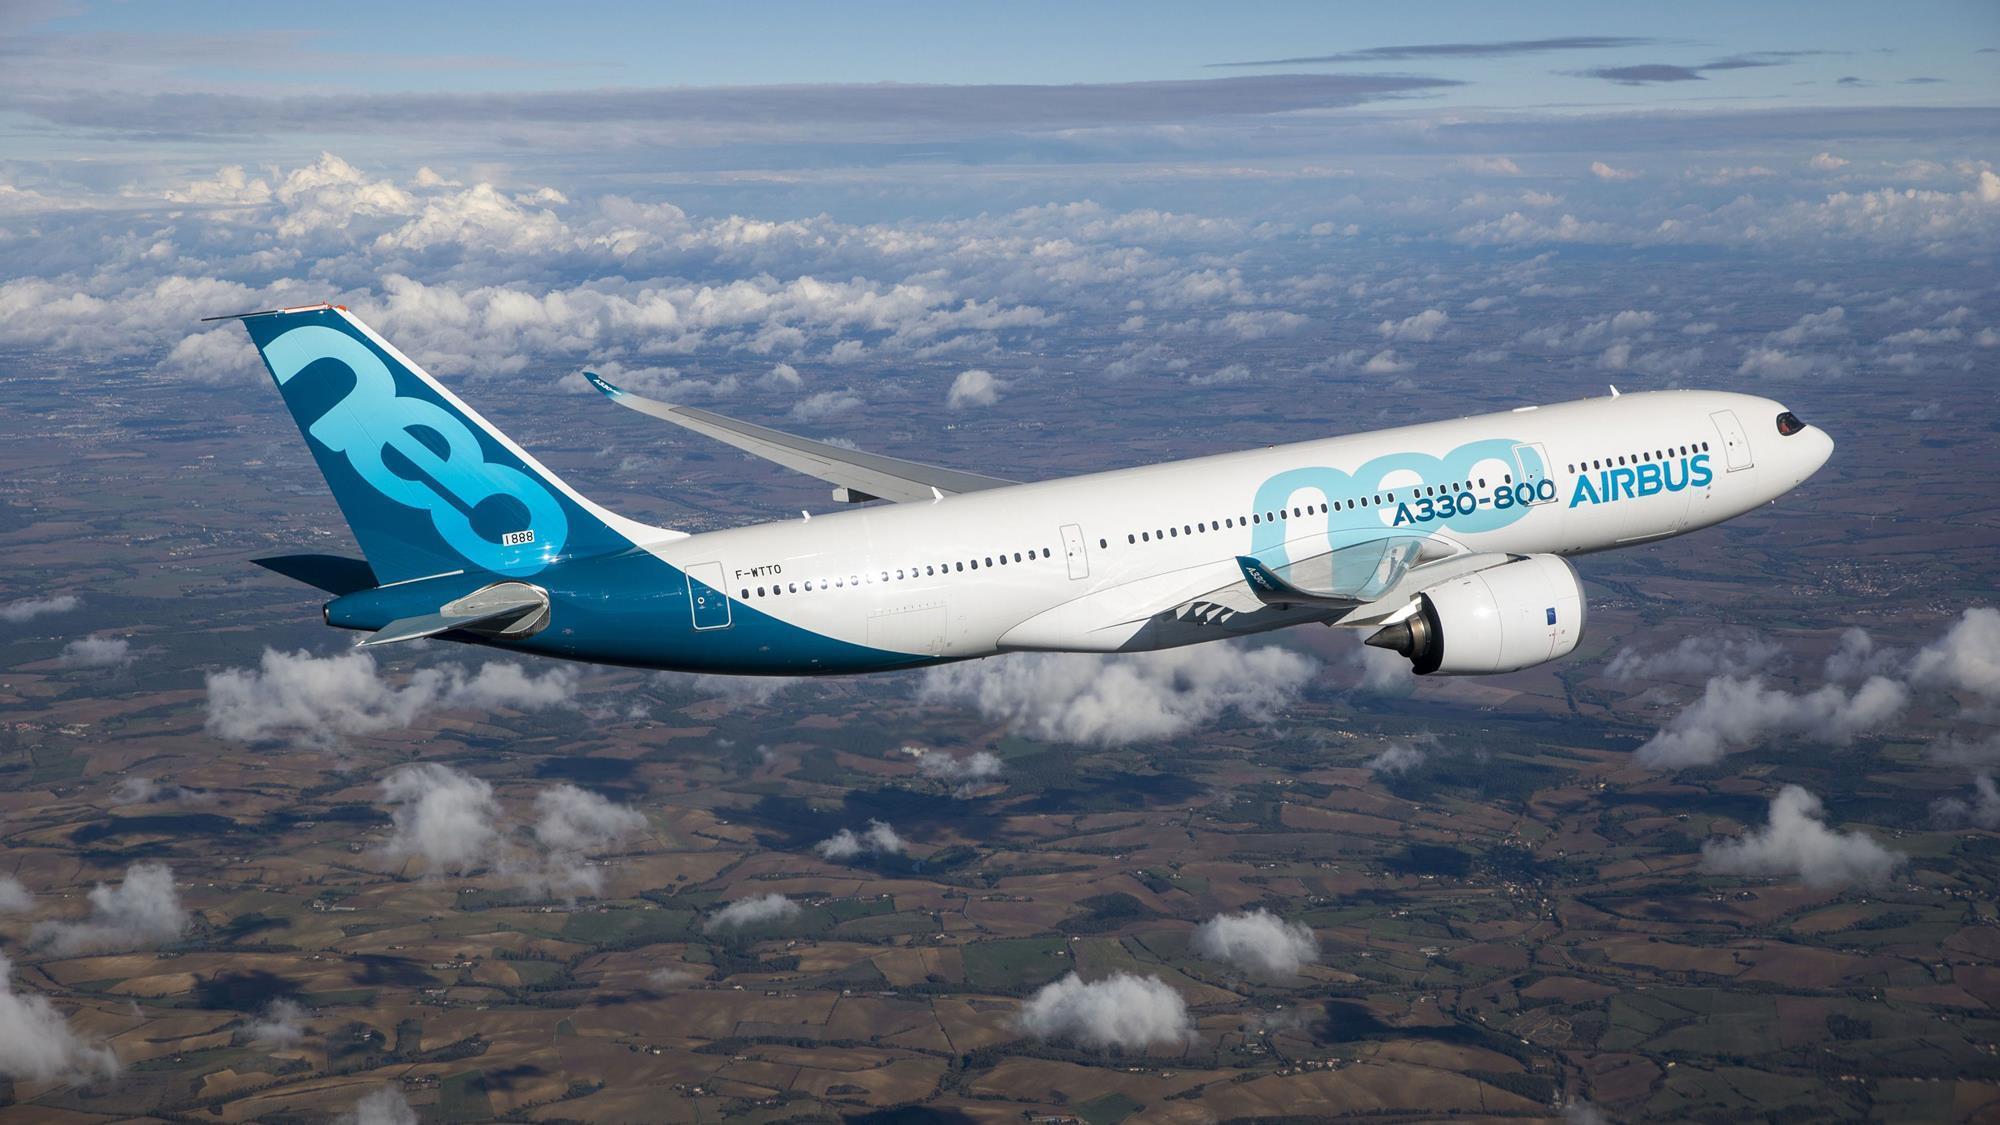 Liệu tranh cãi giữa Boeing và Airbus về vấn đề trợ cấp đã đến hồi kết? - Ảnh 1.